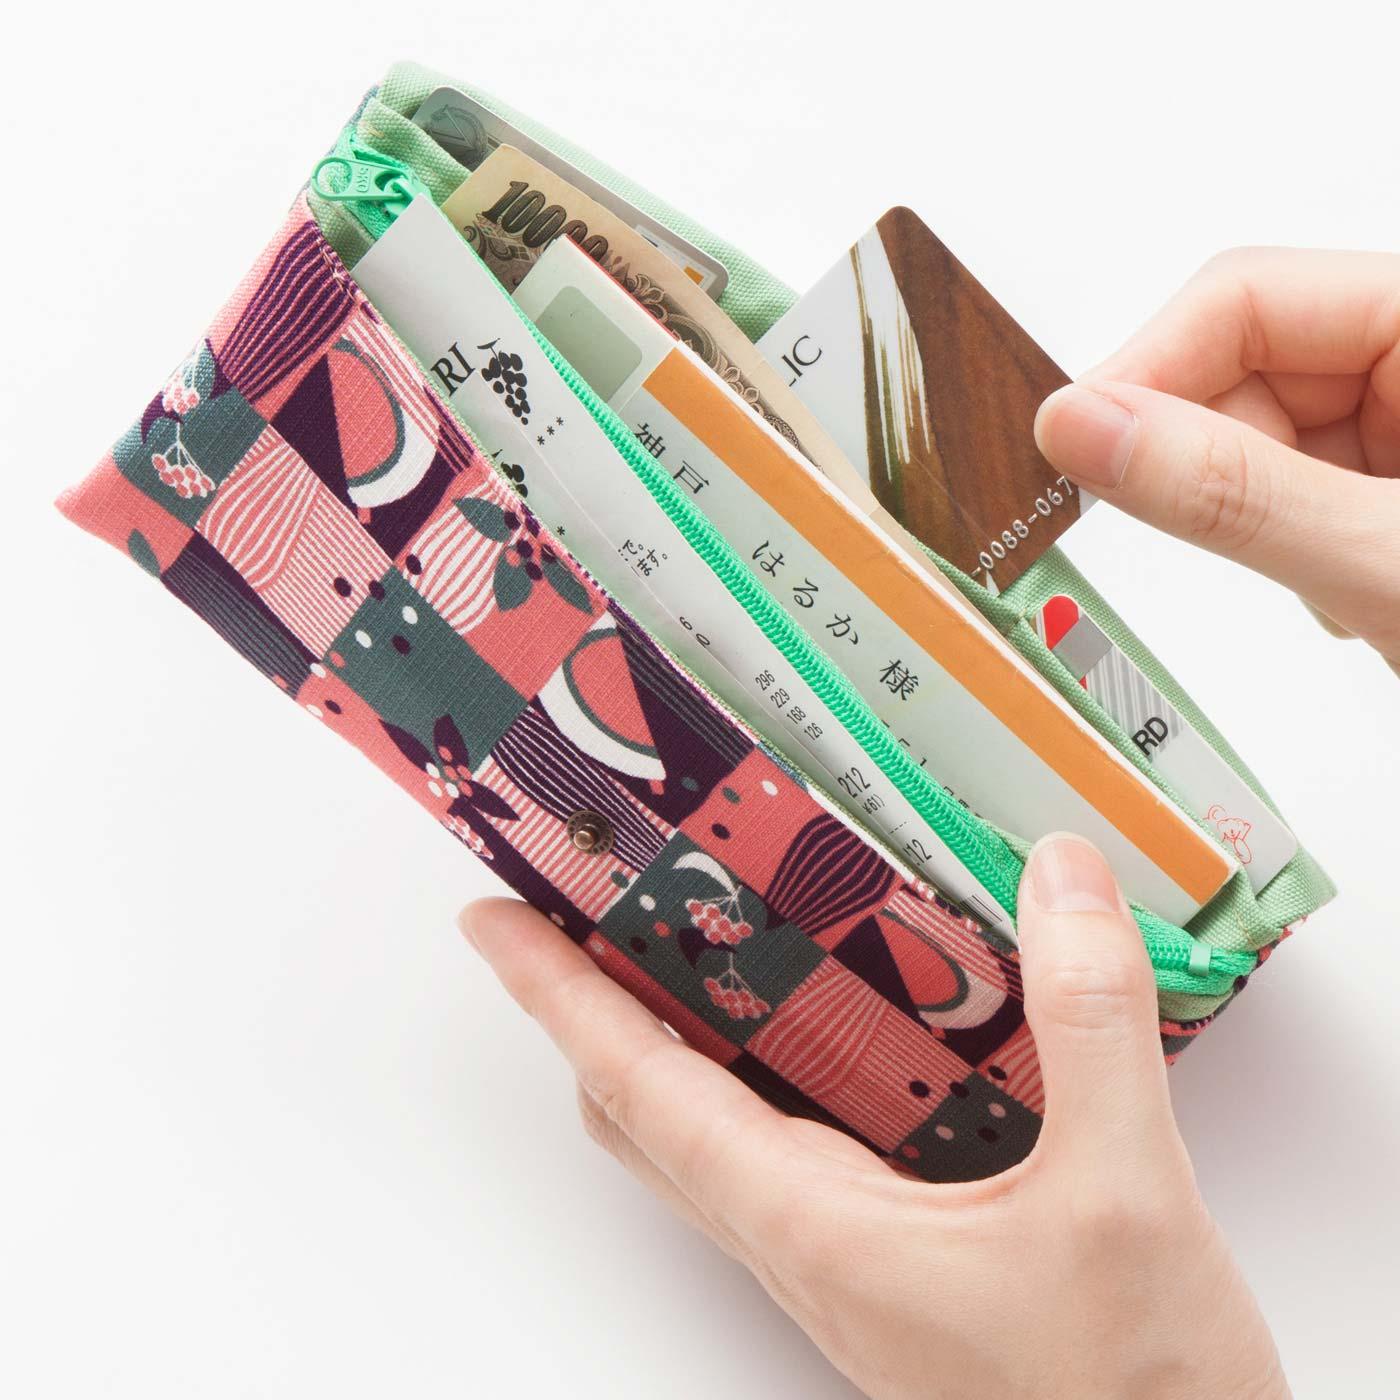 3部屋構造で、お札・小銭・カード・通帳をすっきり整とんして収納。